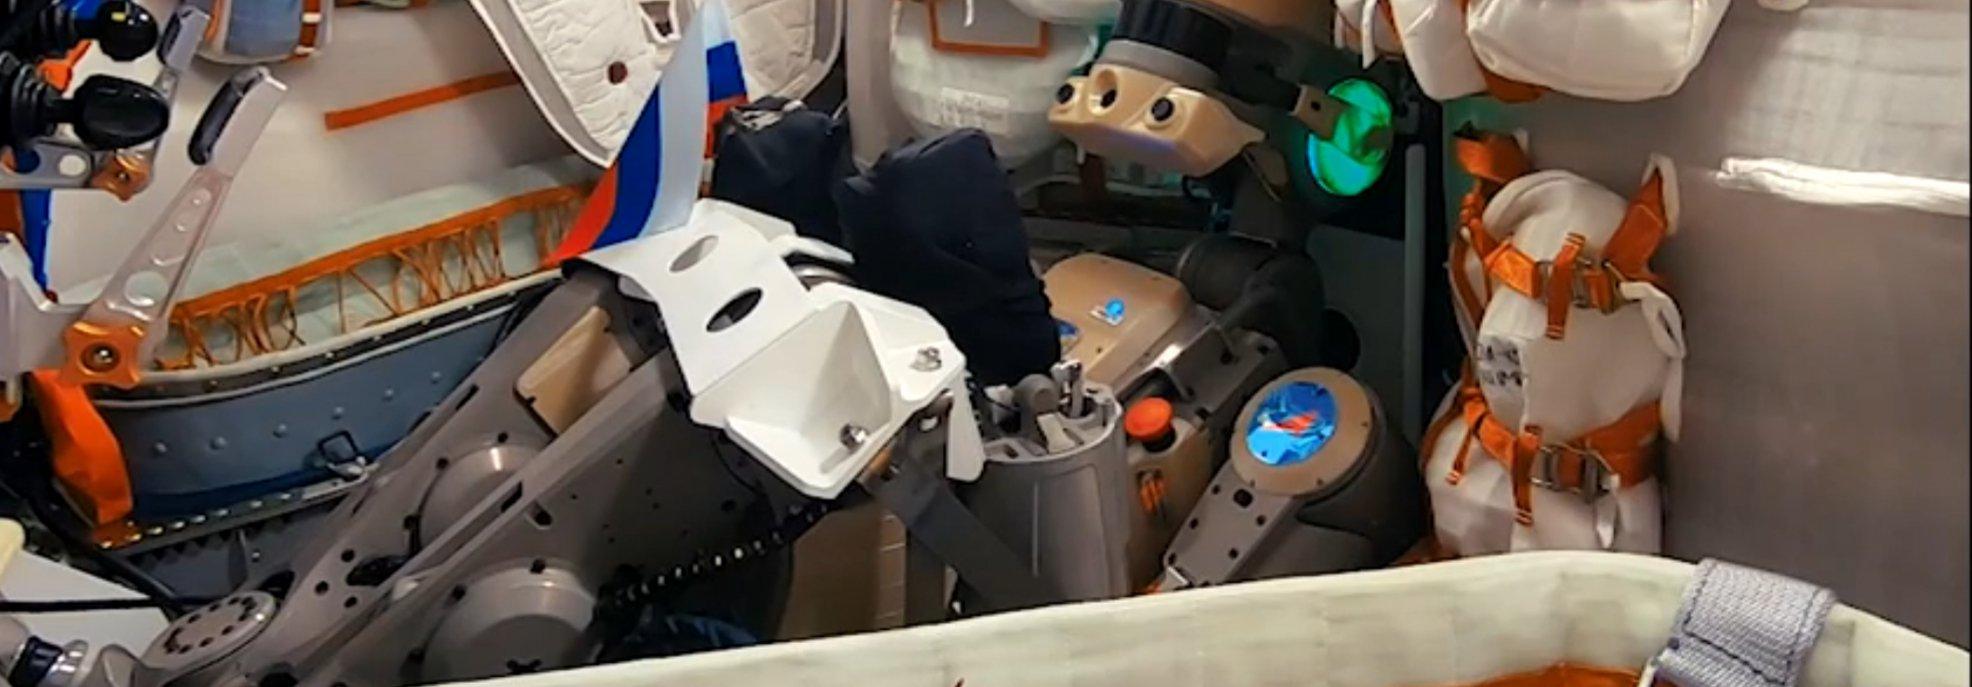 Успешно запущен на орбиту корабль «Союз МС-14» с роботом FEDOR (Skybot F-850) - 2